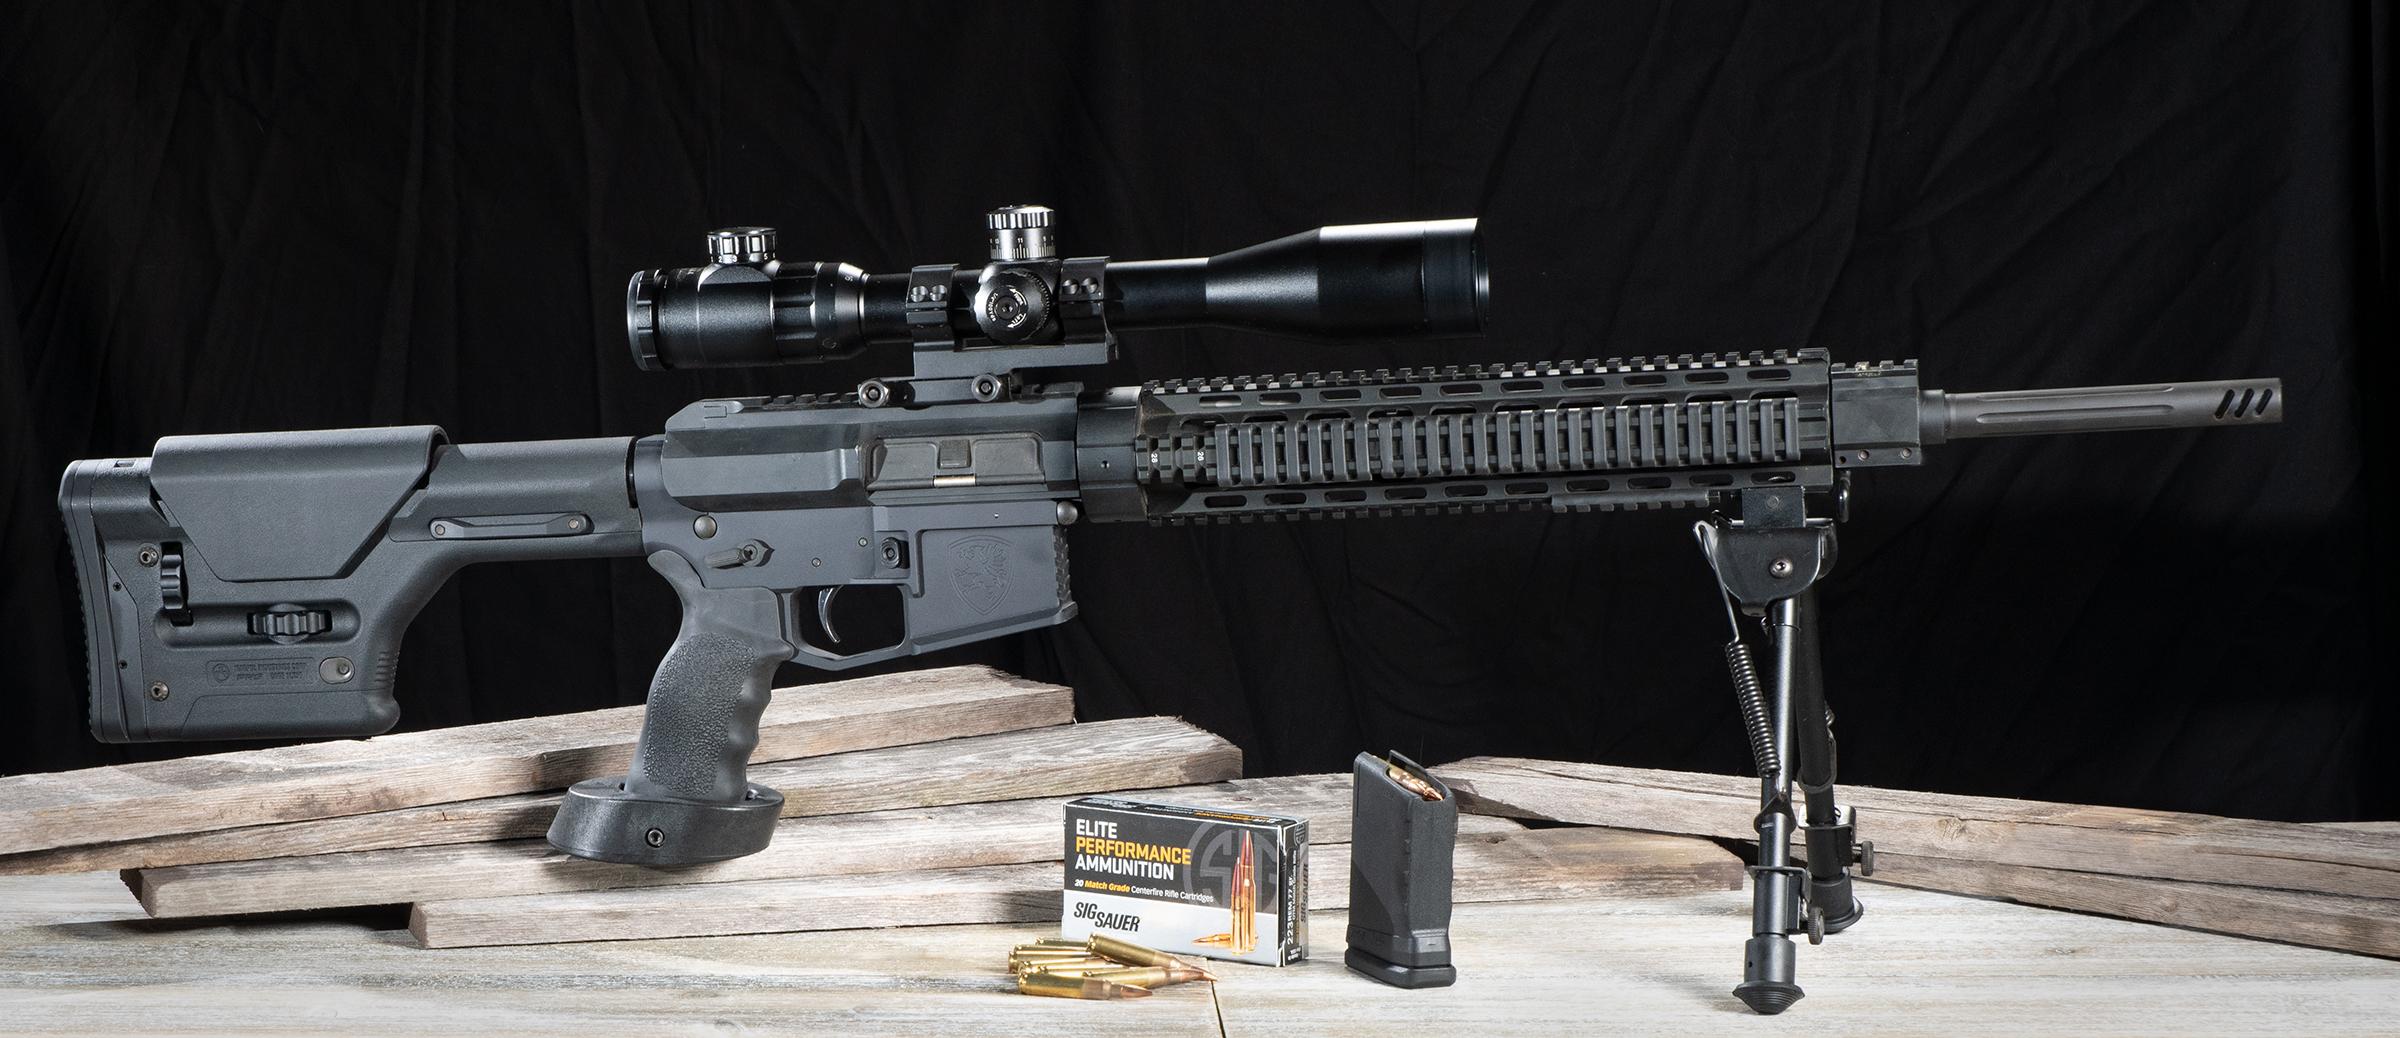 Precision AR-15